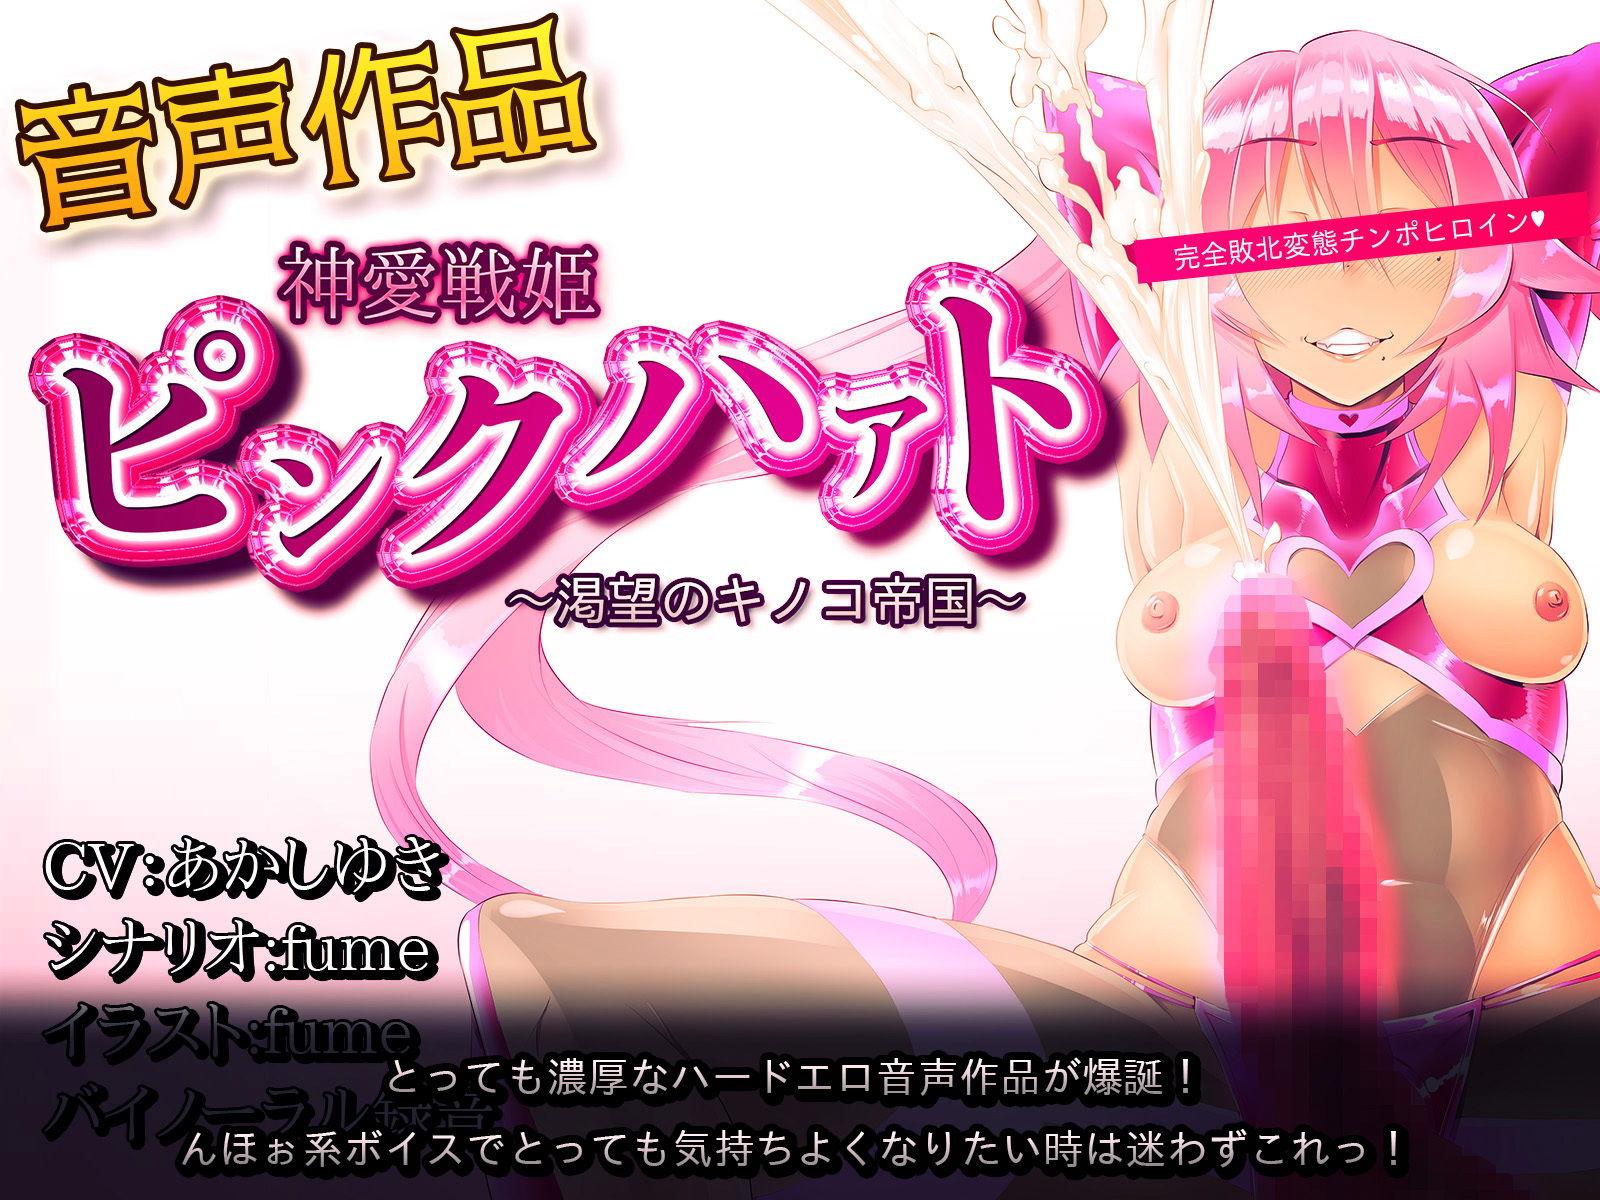 神愛戦姫ピンクハァト〜渇望のキノコ帝国〜